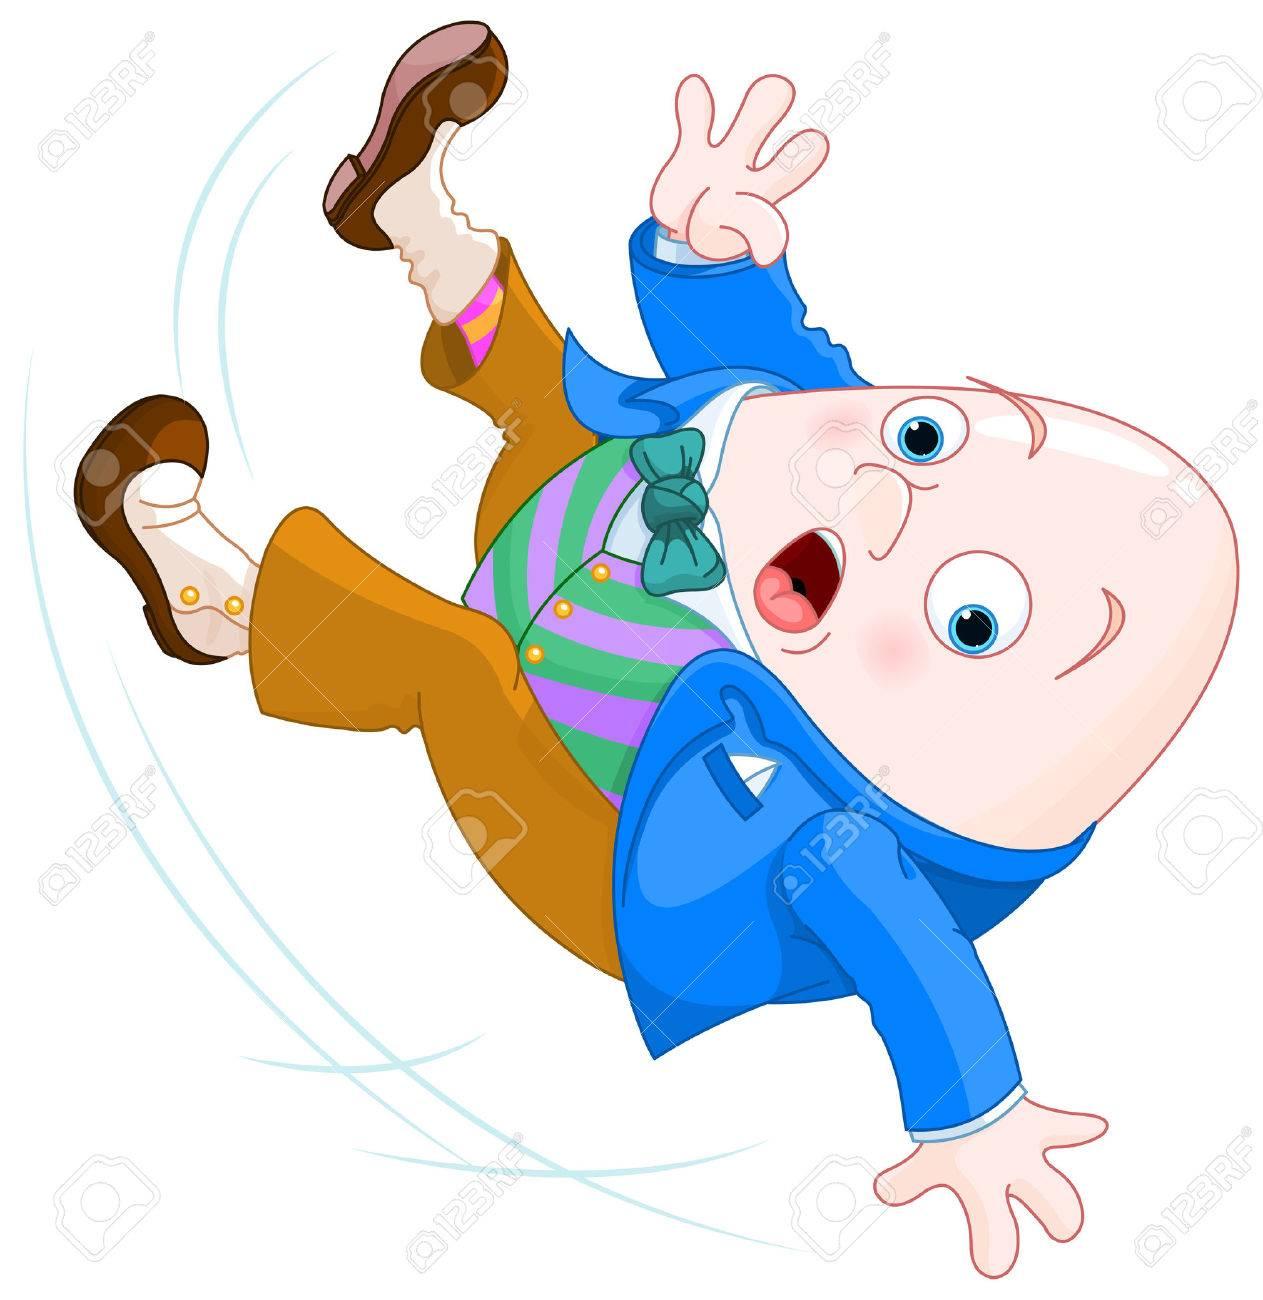 Humpty Dumpty falls down Banque d'images - 48863916